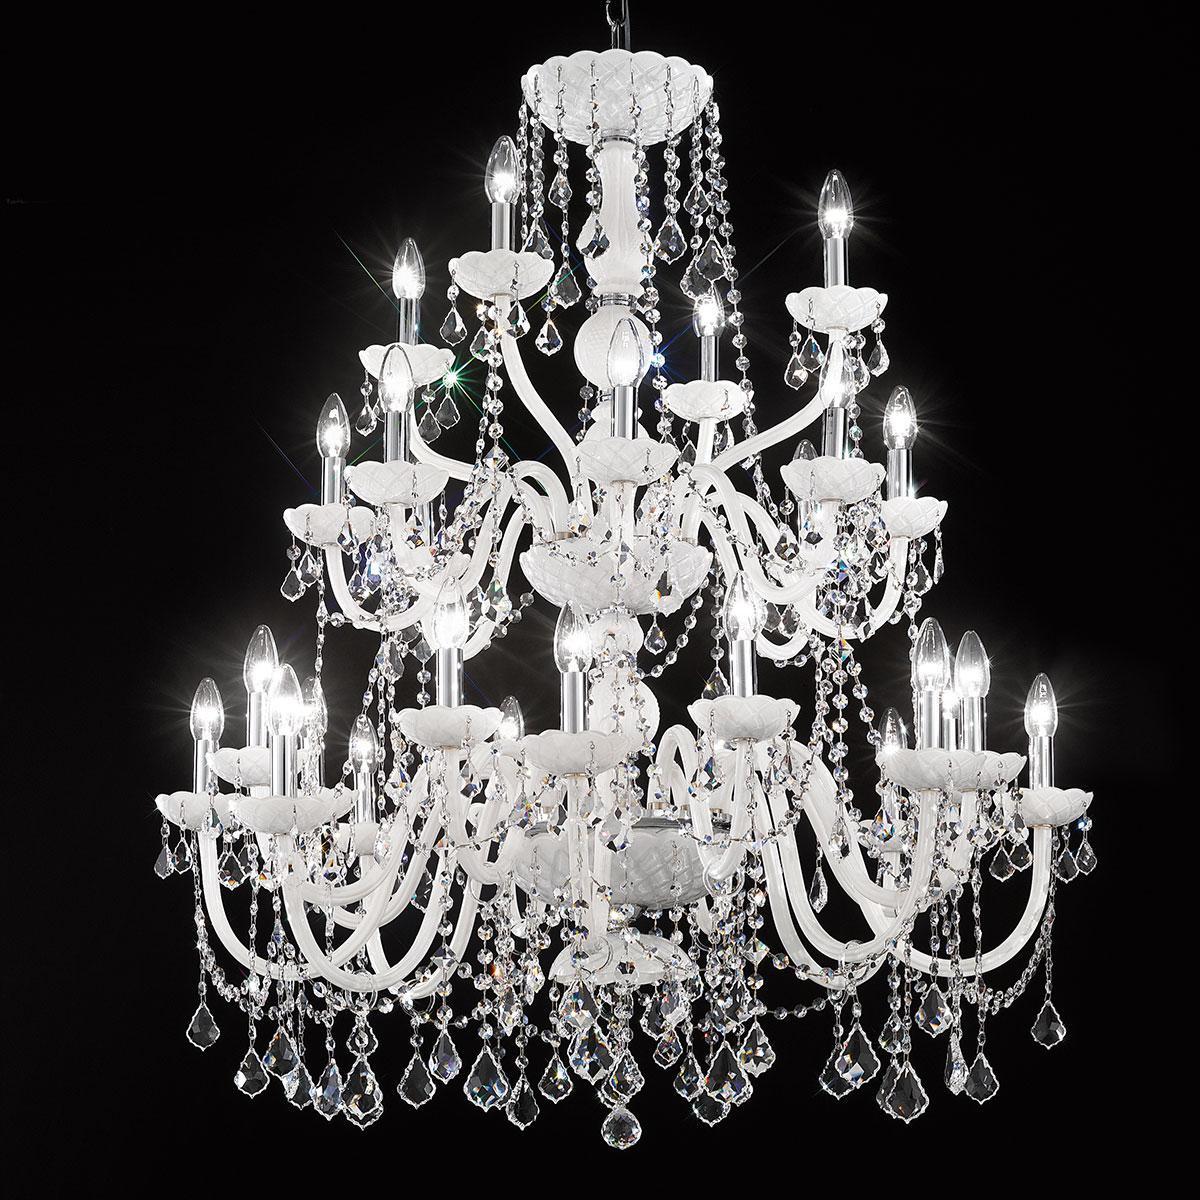 """""""Brindisi"""" große venezianischer kristall kronleuchter - 16+8+4 flammig - weiß"""